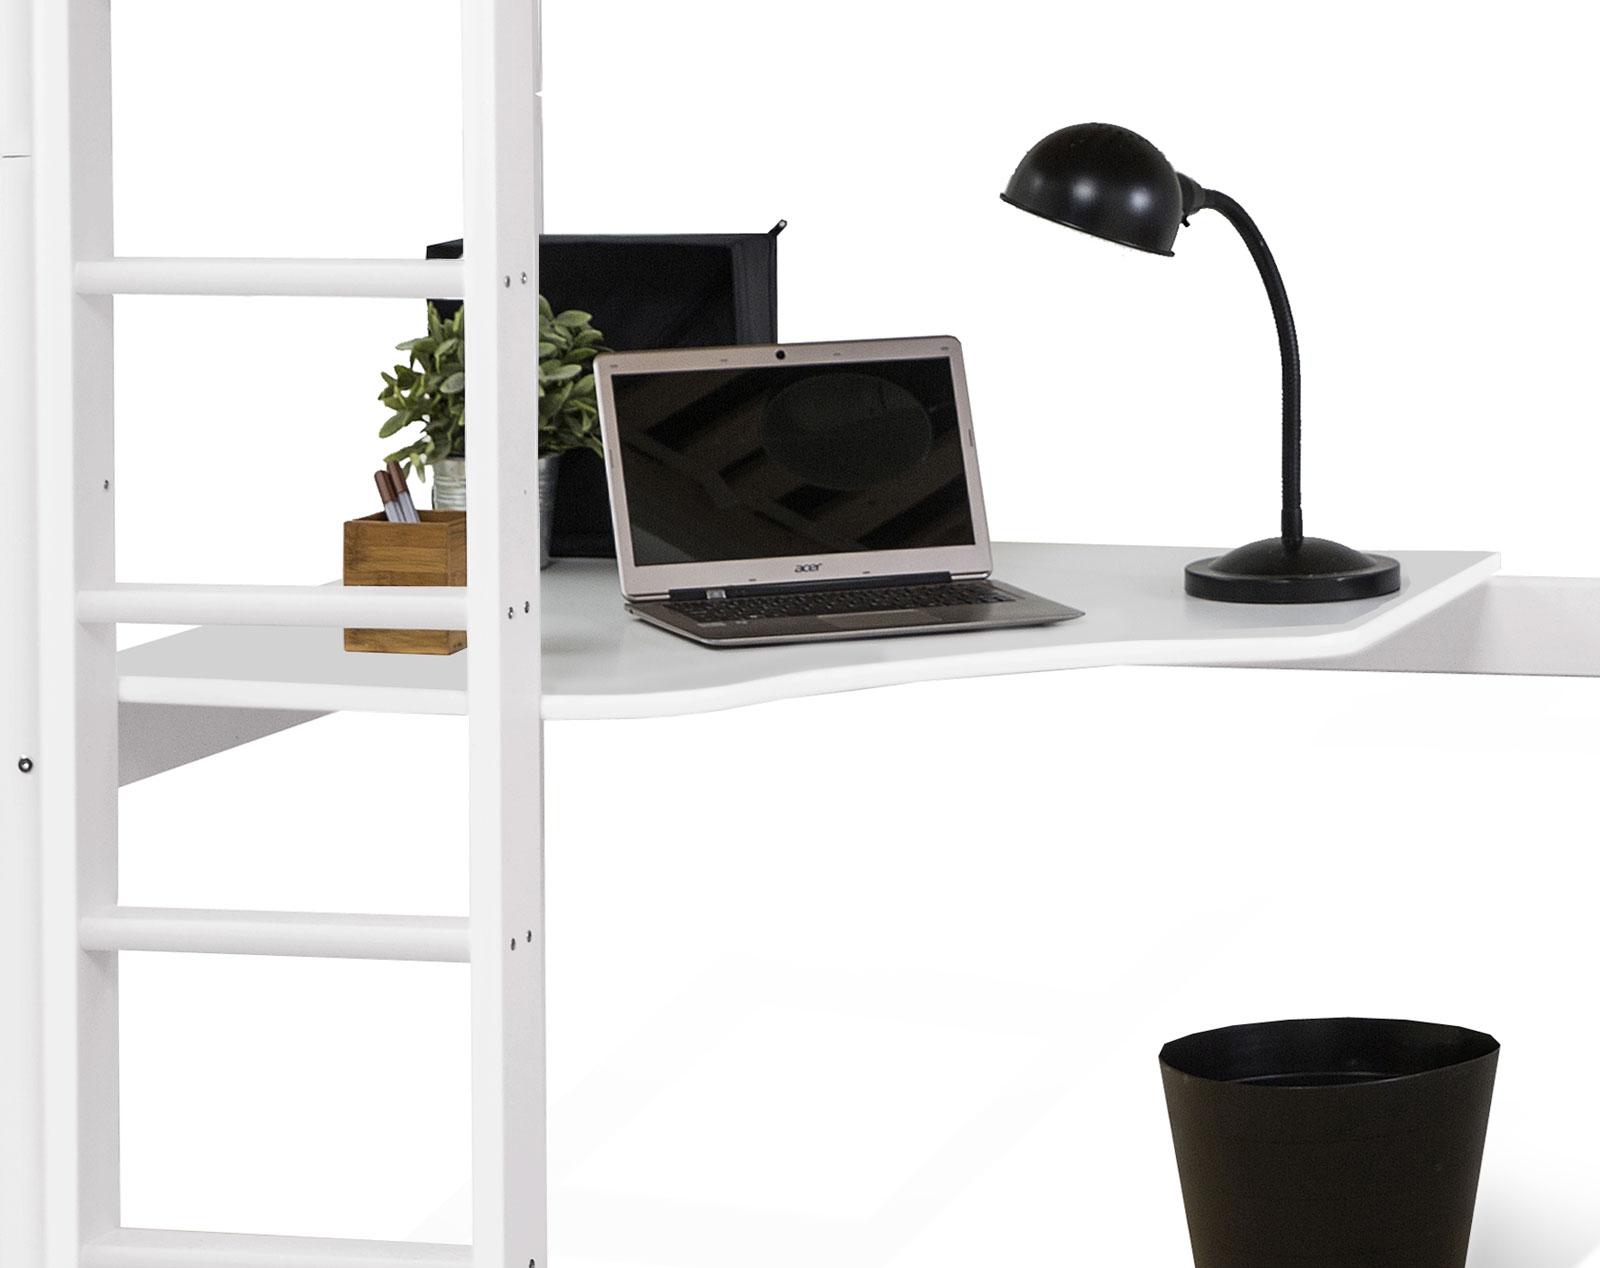 Der Gerundete Eck Schreibtisch Bietet Eine Arbeitsfläche In Angenehmer Höhe.